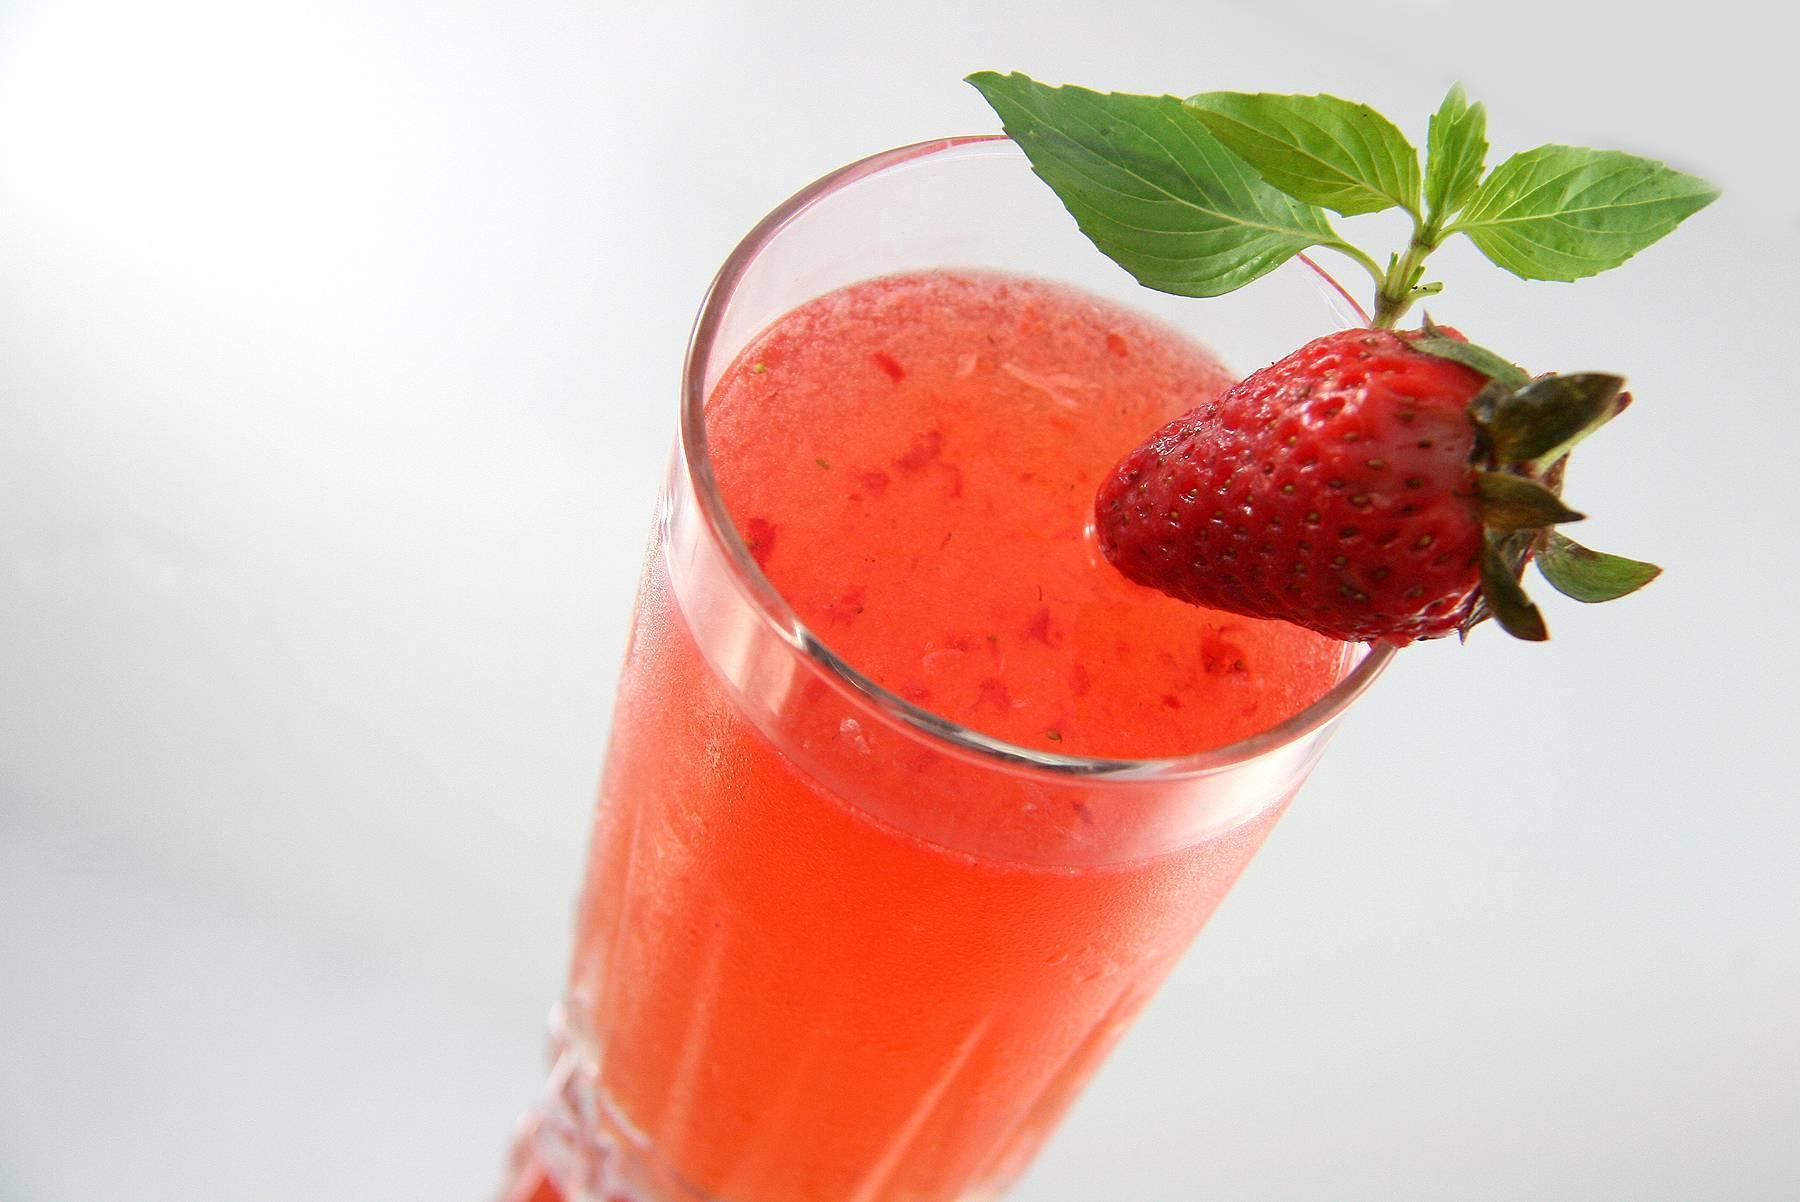 Мохито с клубникой рецепт алкогольный. рецепт клубничного мохито, а также безакогольный вариант коктейля